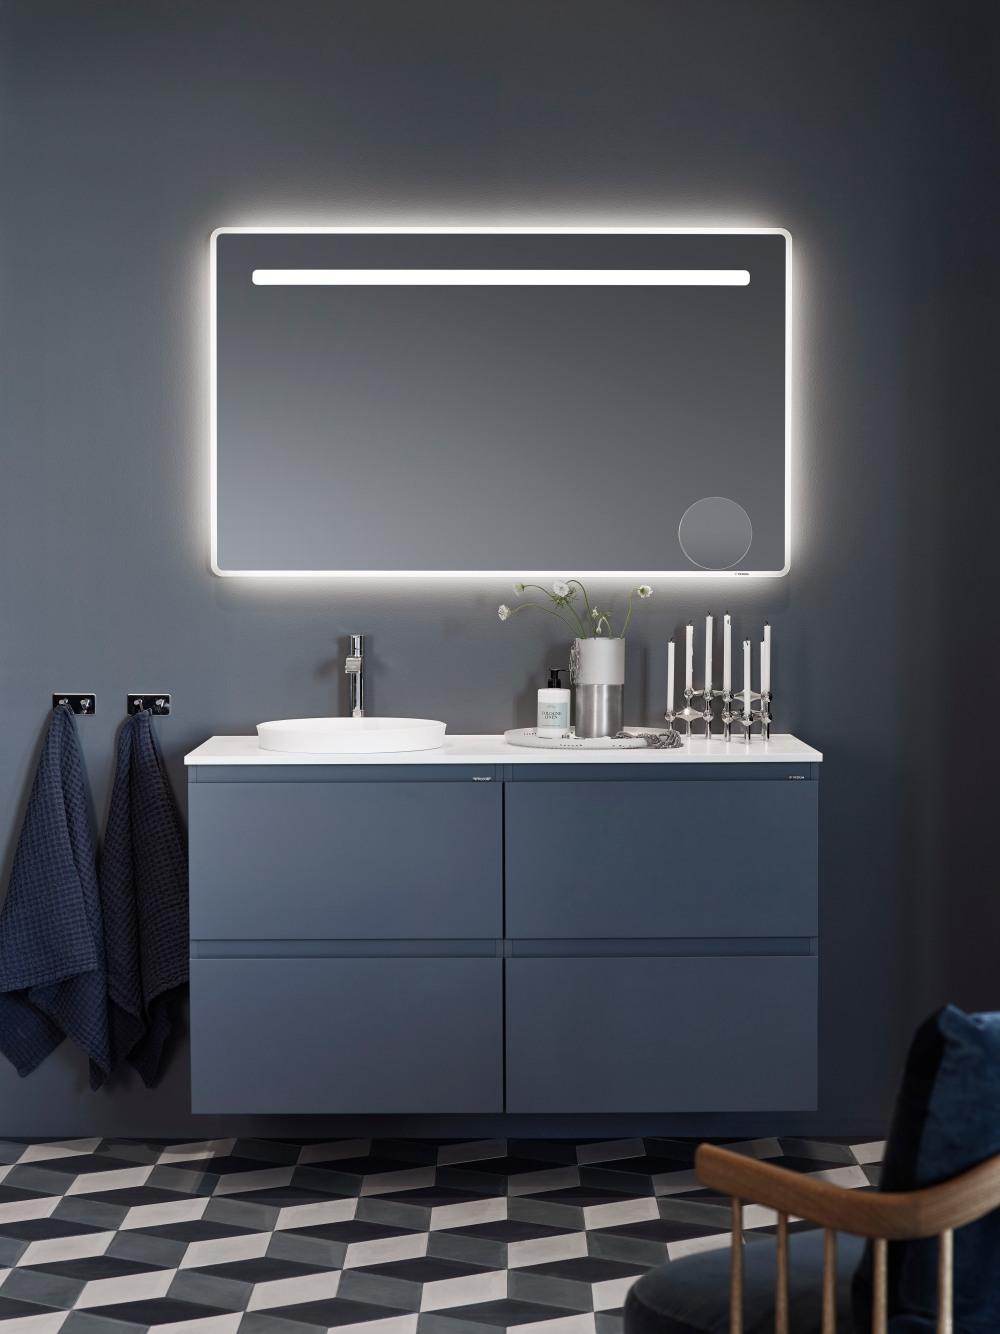 Bild på blått badrumsskåp med handfat och spegel.